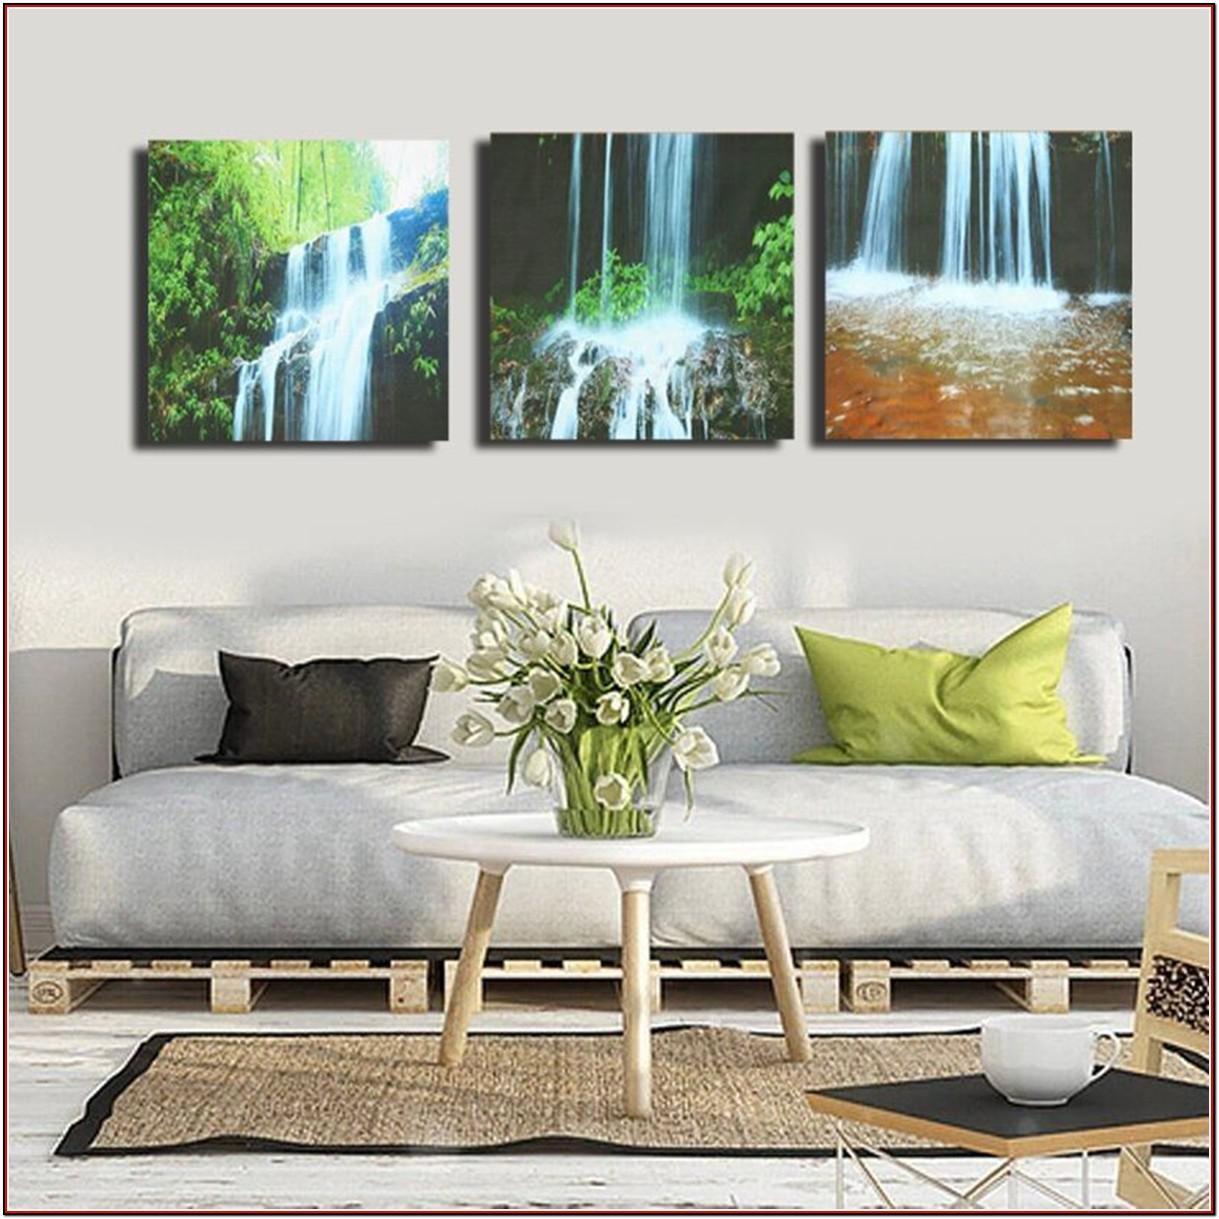 Large Framed Prints For Living Room